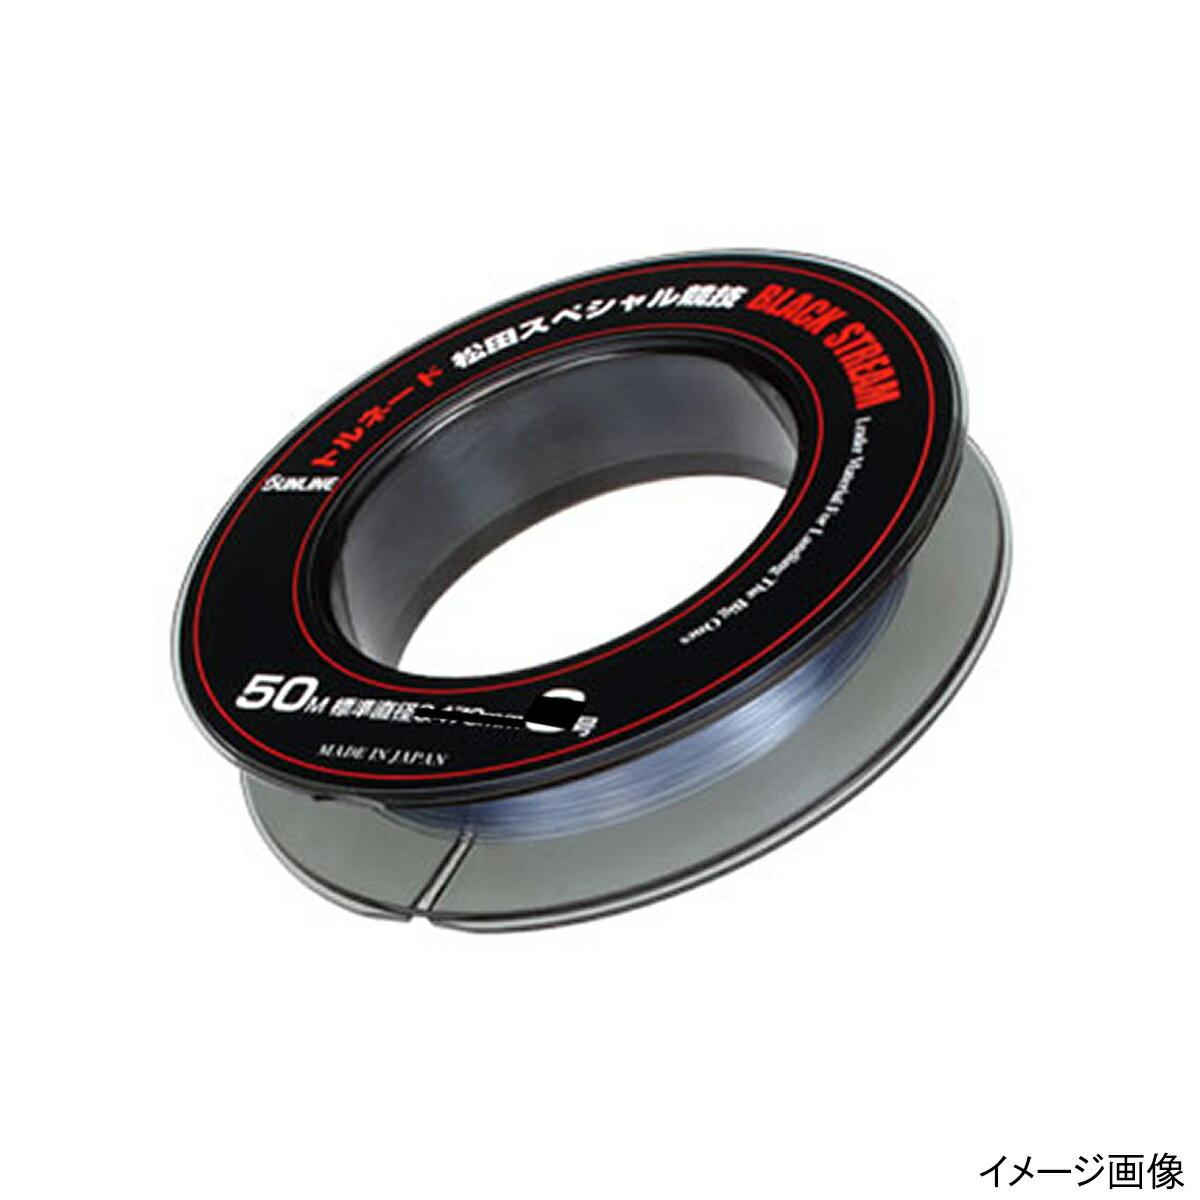 サンライン トルネード松田スペシャル競技 ブラックストリーム 50m 10号 ブラッキーカラー